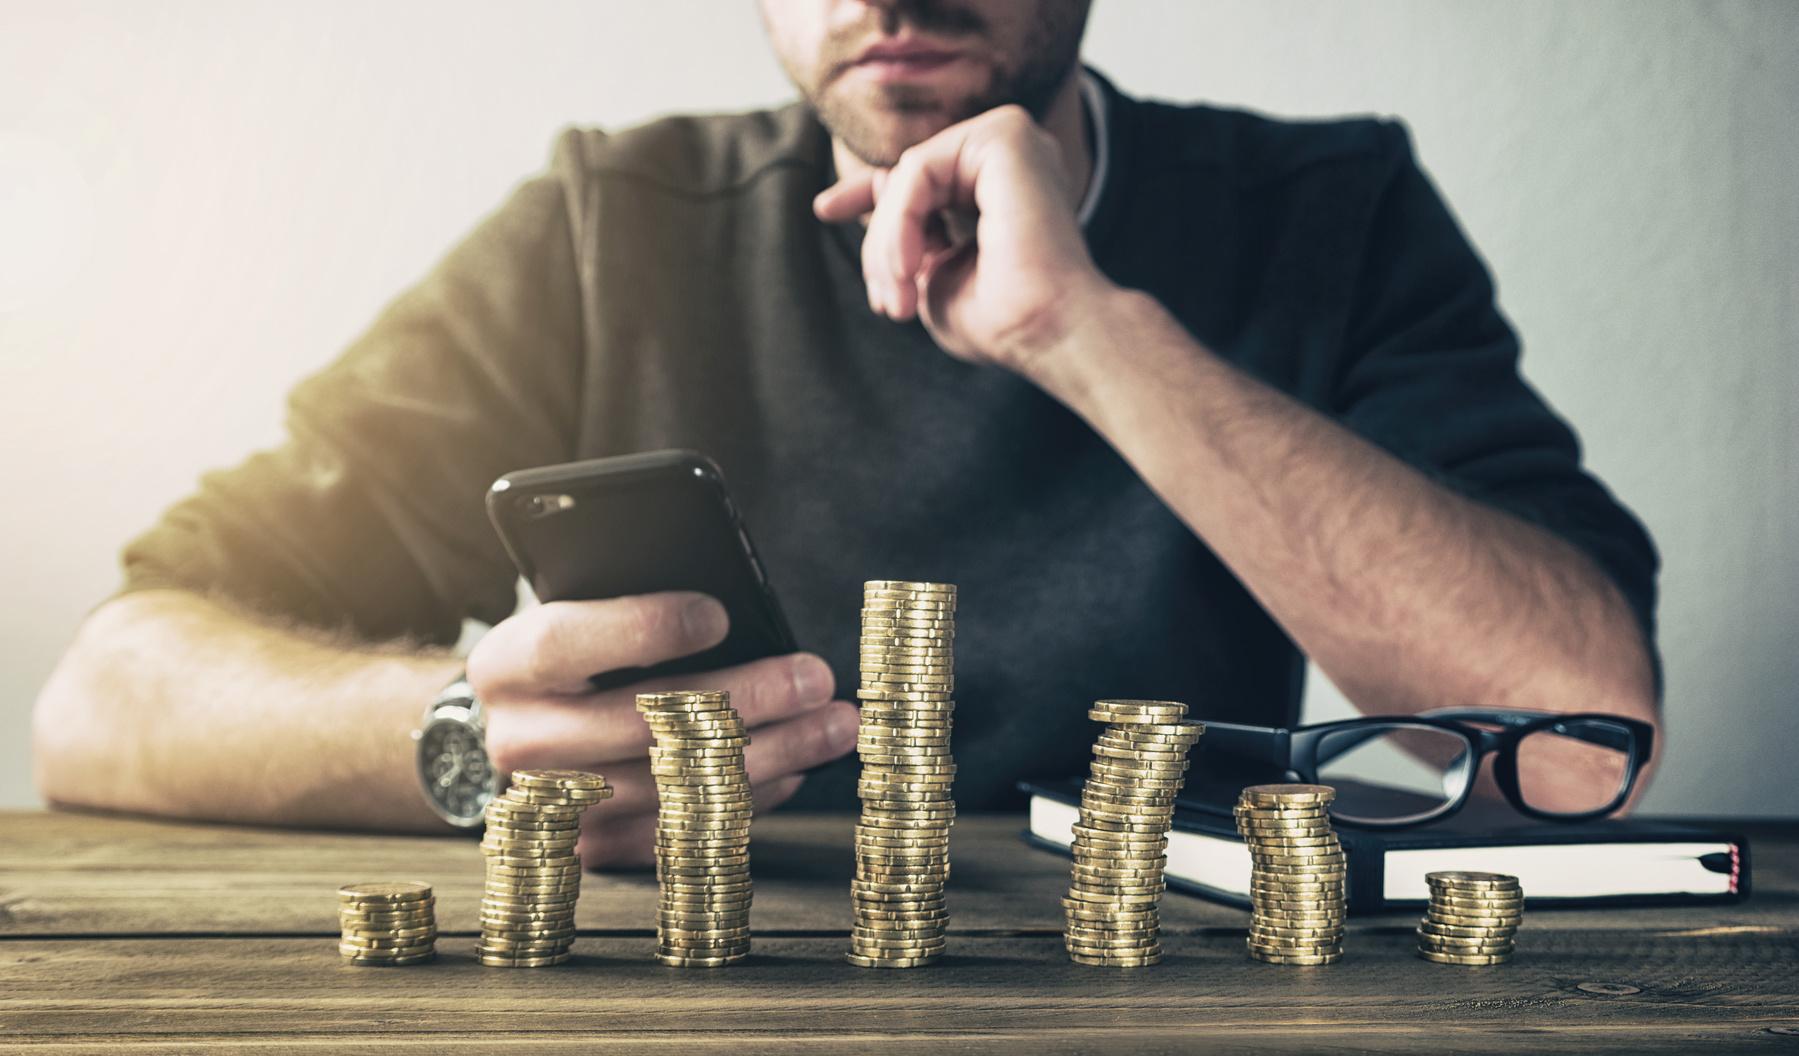 wie kann man schnell geld verdienen mit 15